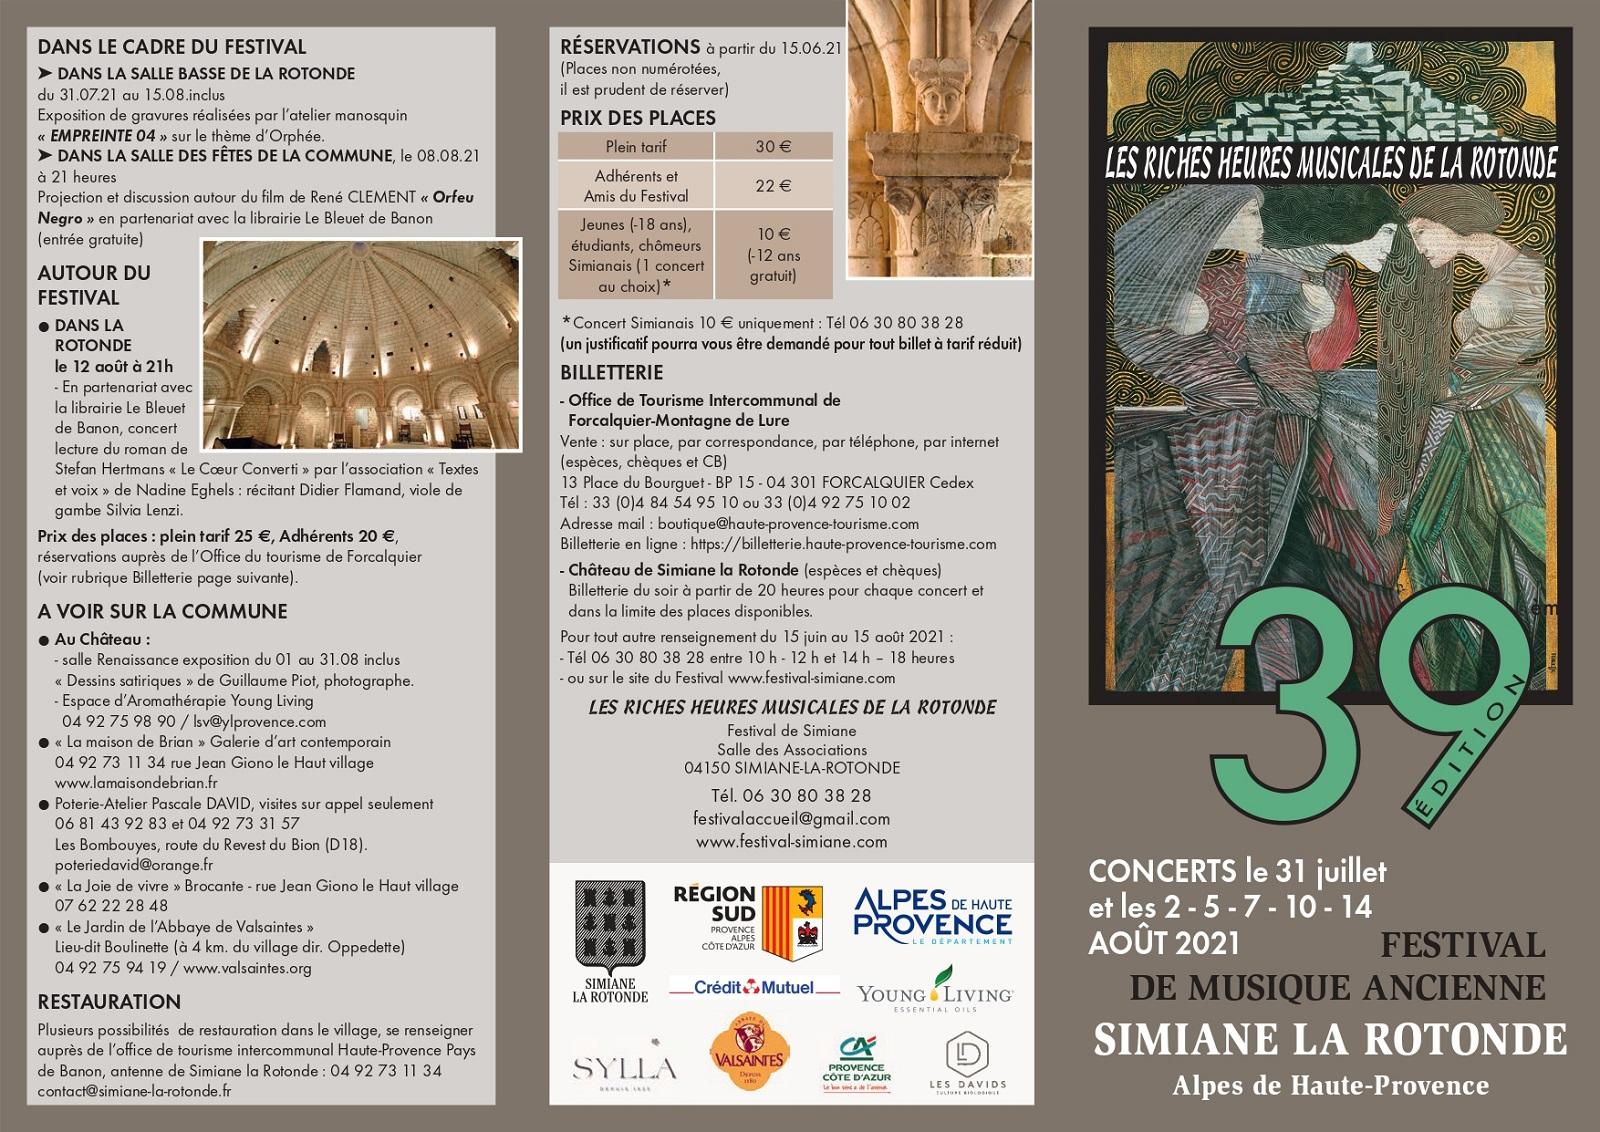 Simiane-la-rotonde prépare son festival de musique ancienne